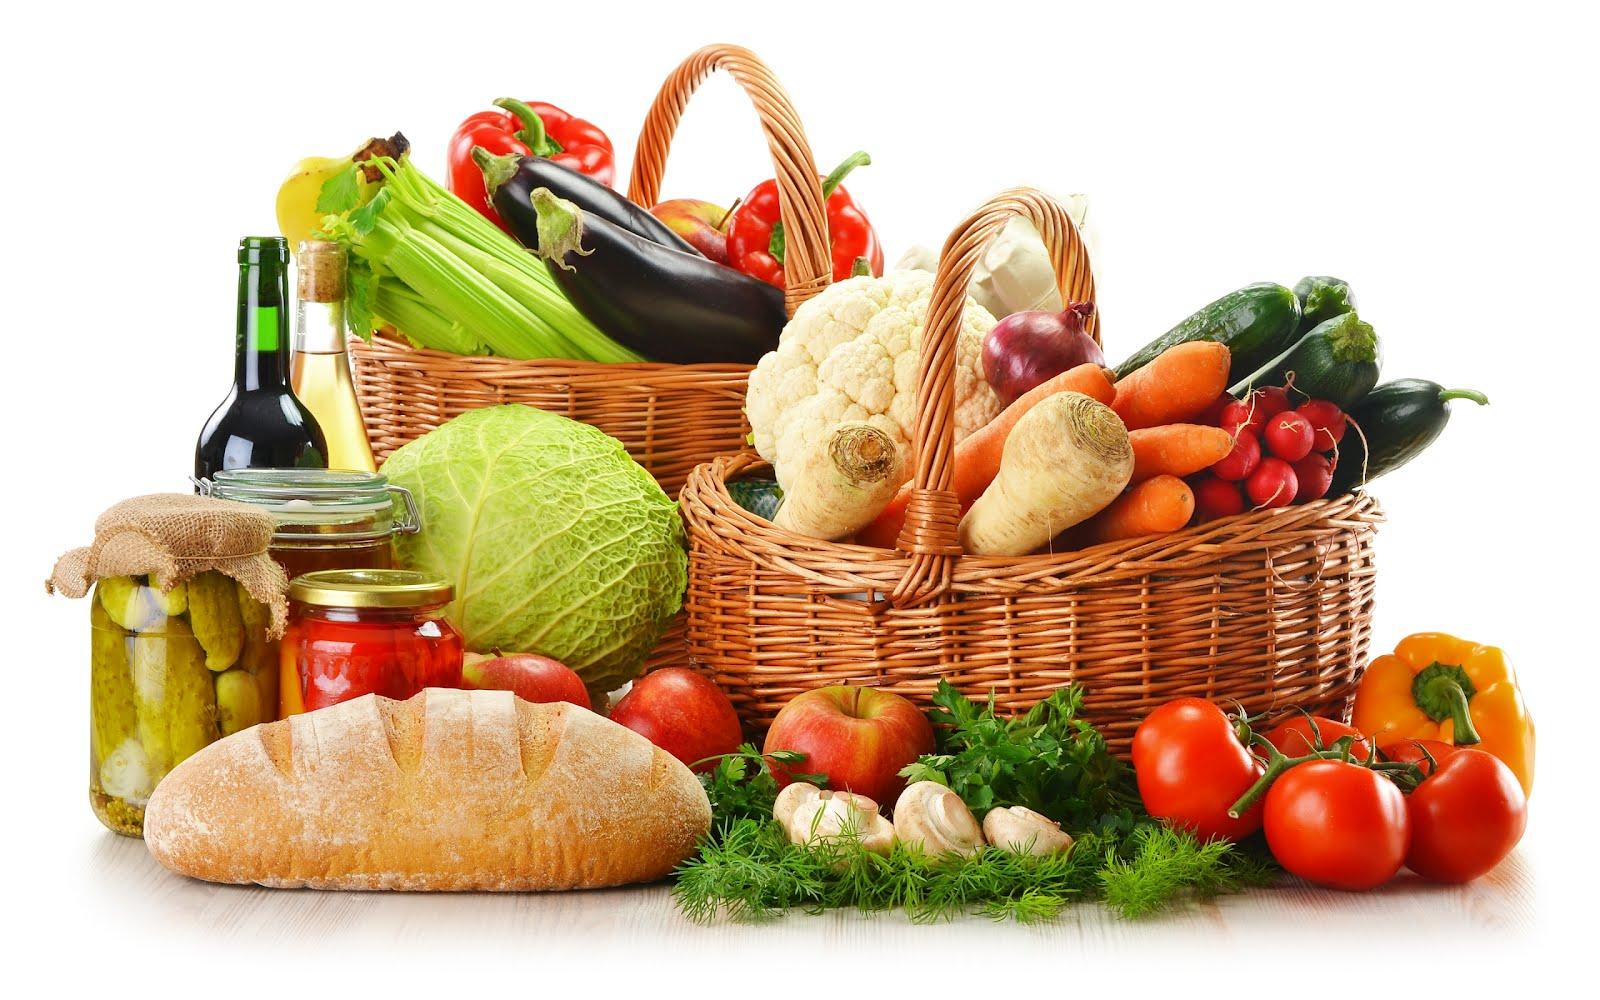 Hay que comer lo mas sano y natural de mundo